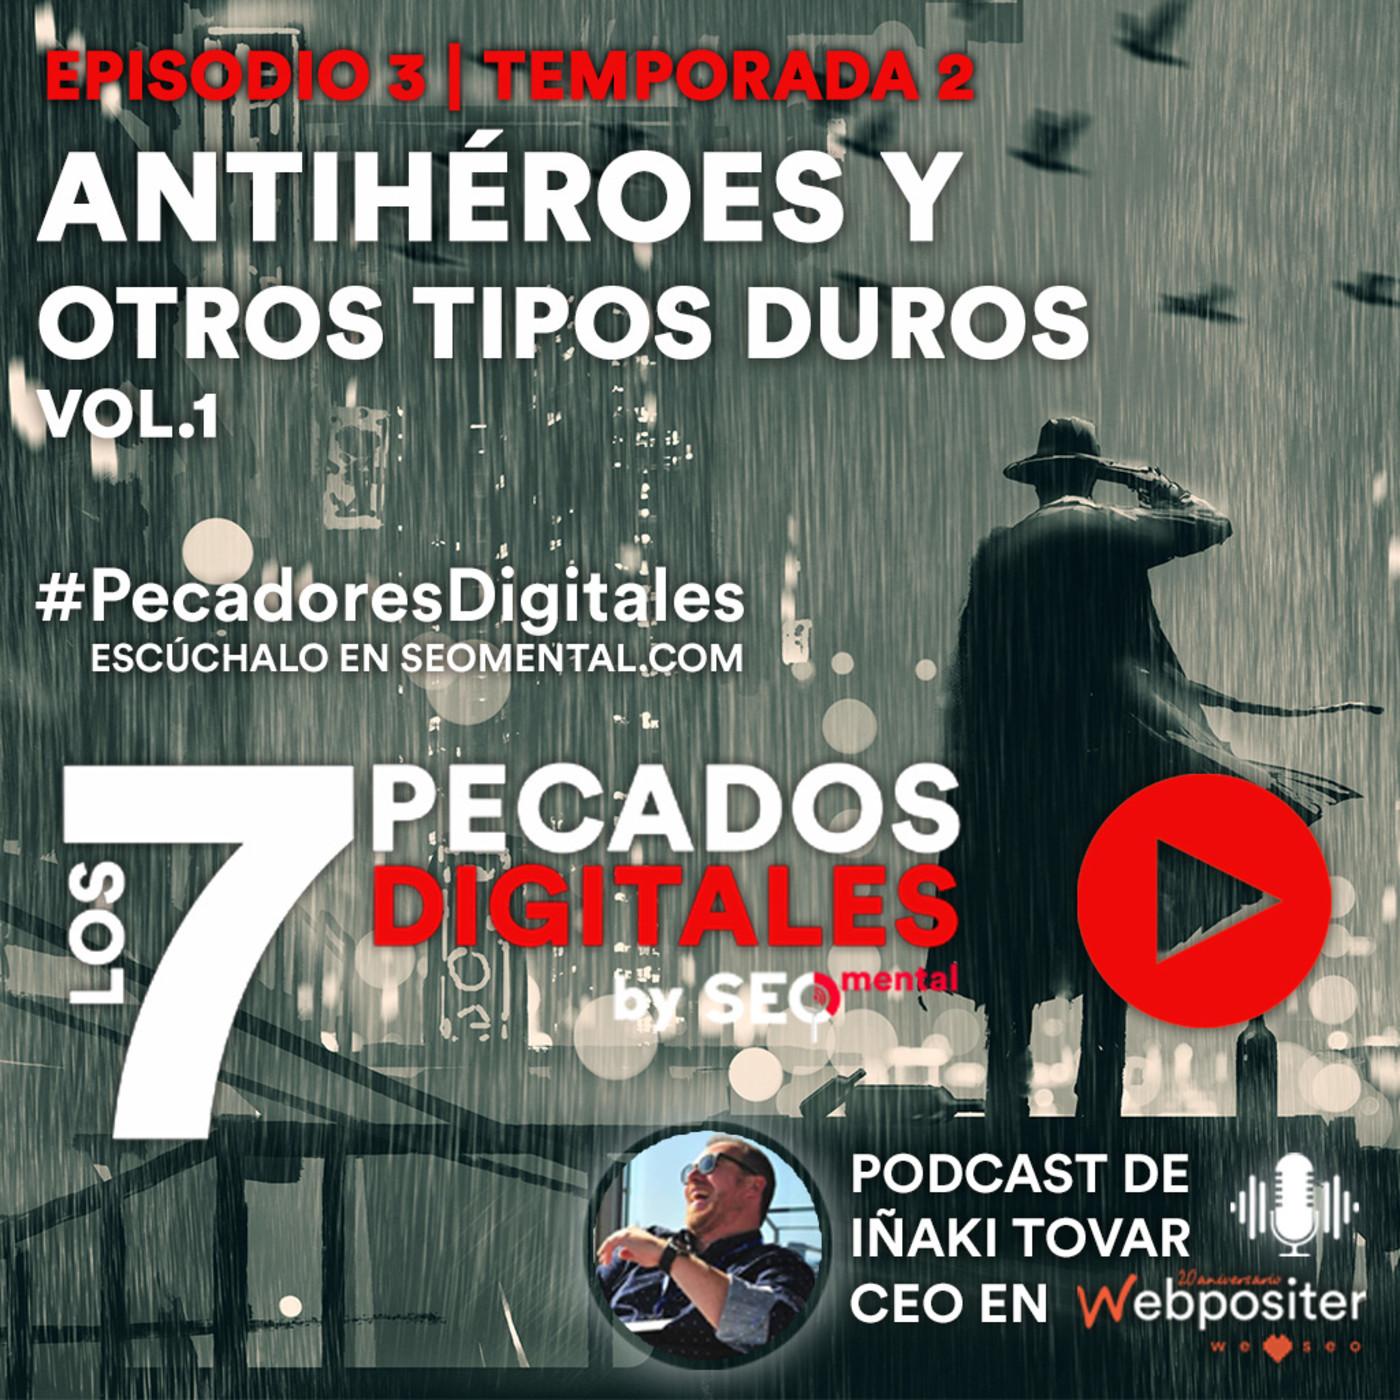 Episodio 20: Antihéroes y otros tipos duros   E03S02